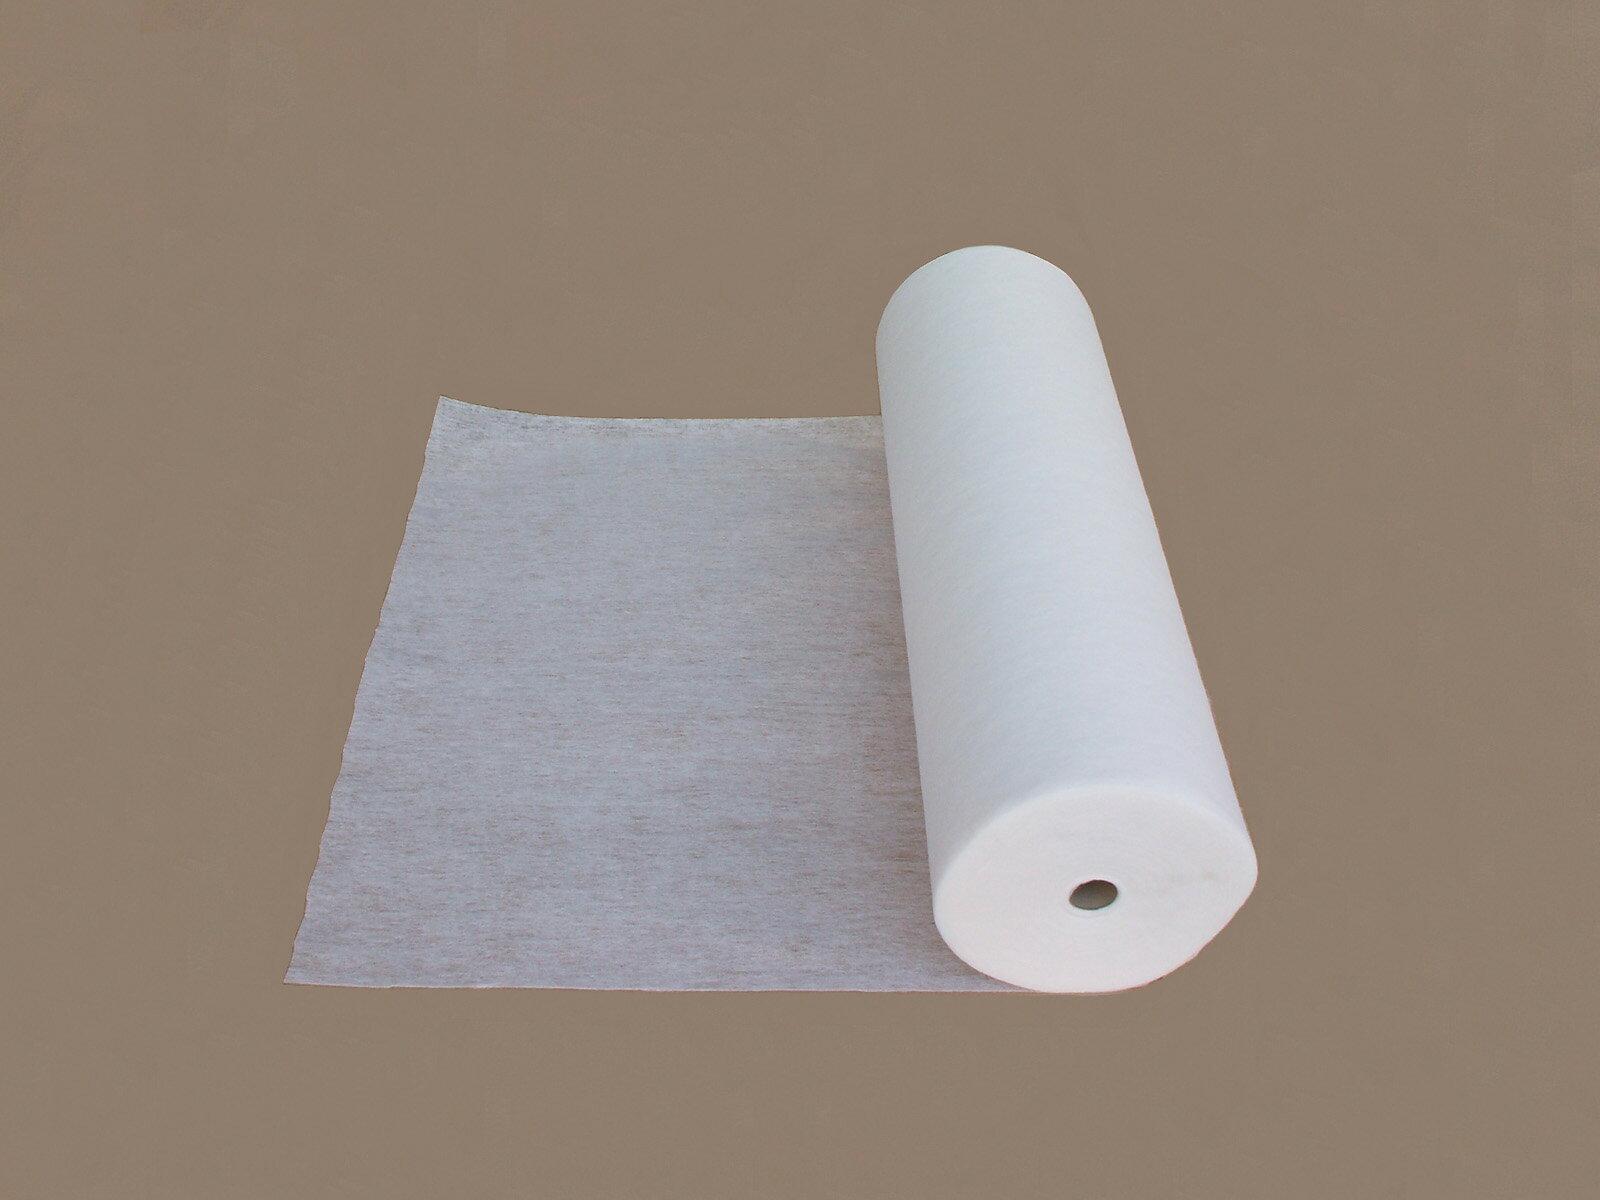 排気フィルター 塗装ブース プレロールフィルター#100:フィルターチャンネル